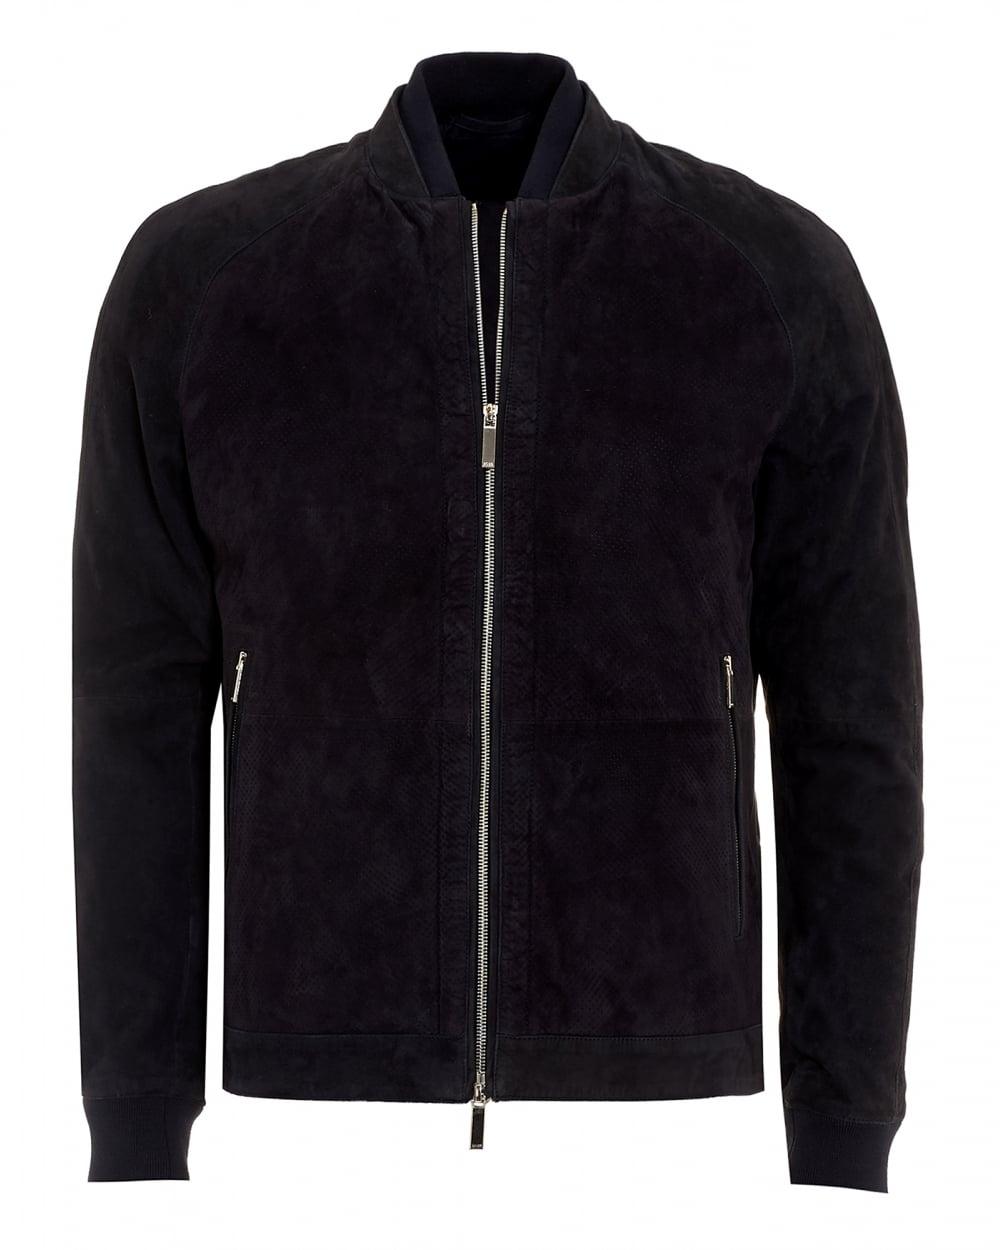 Hugo boss black bomber jacket